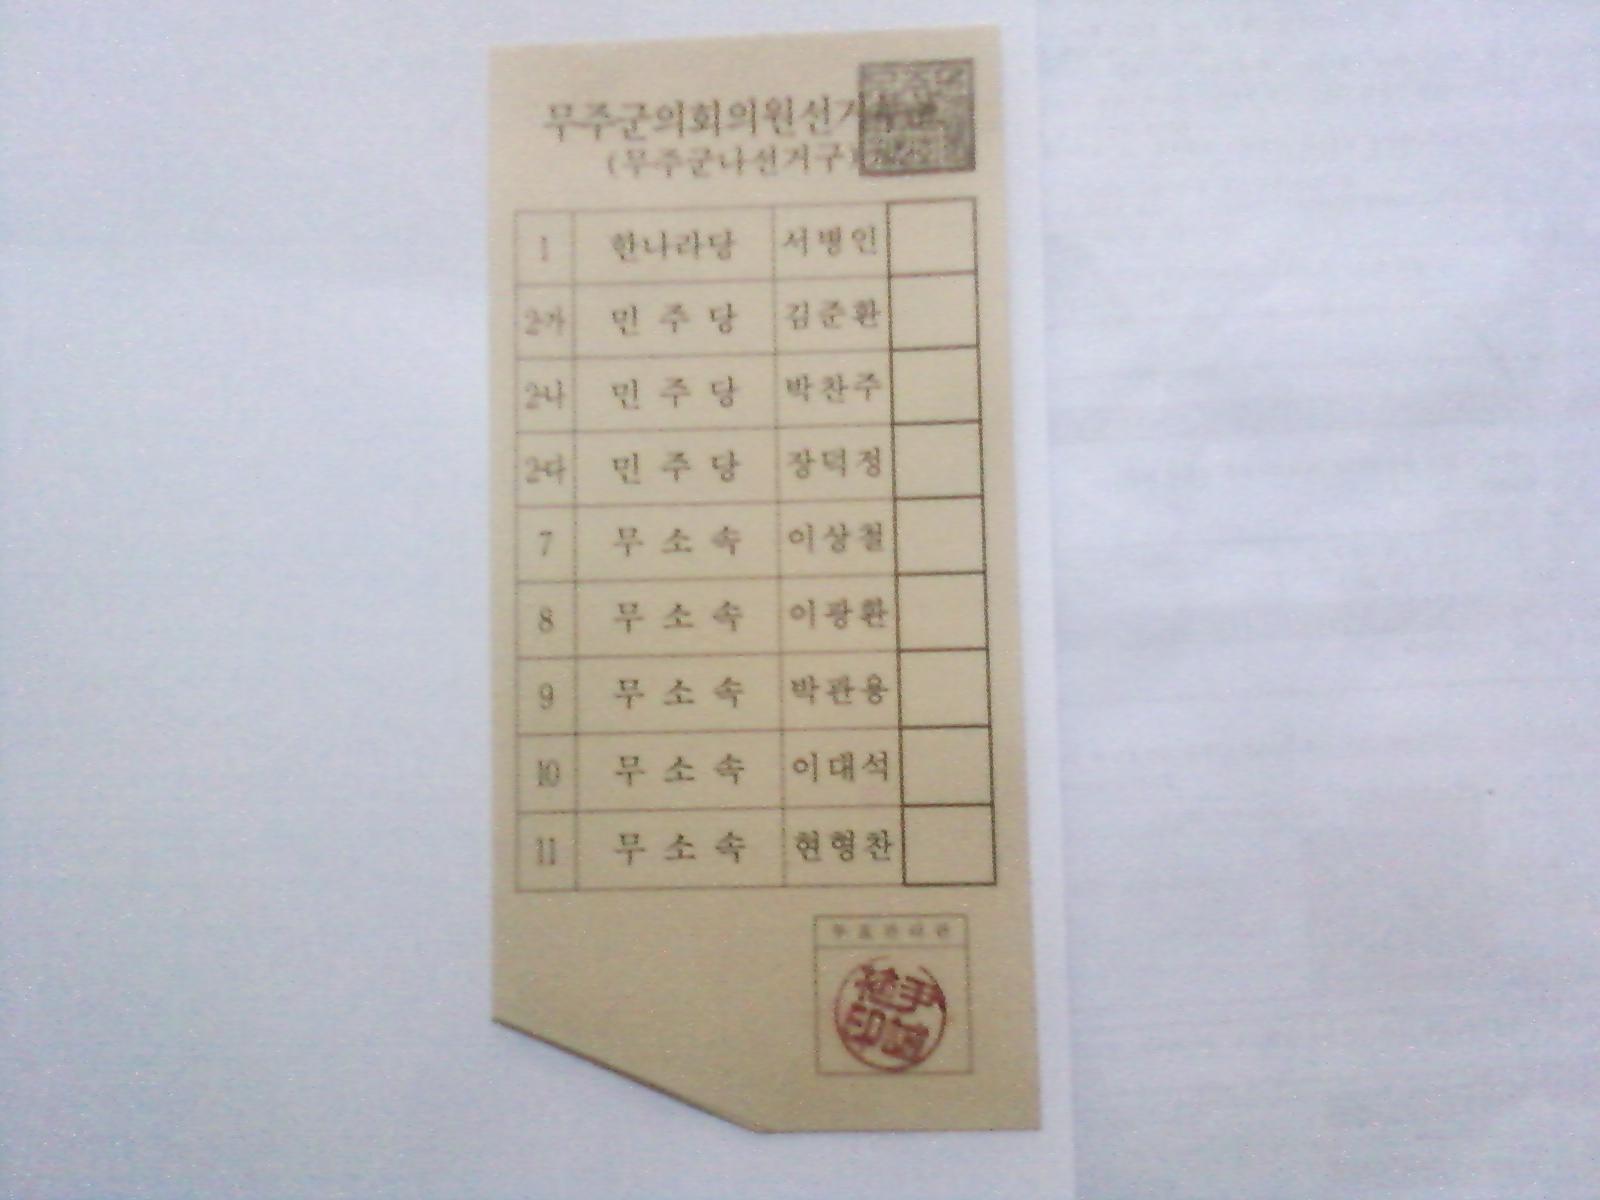 november 5th election ballot